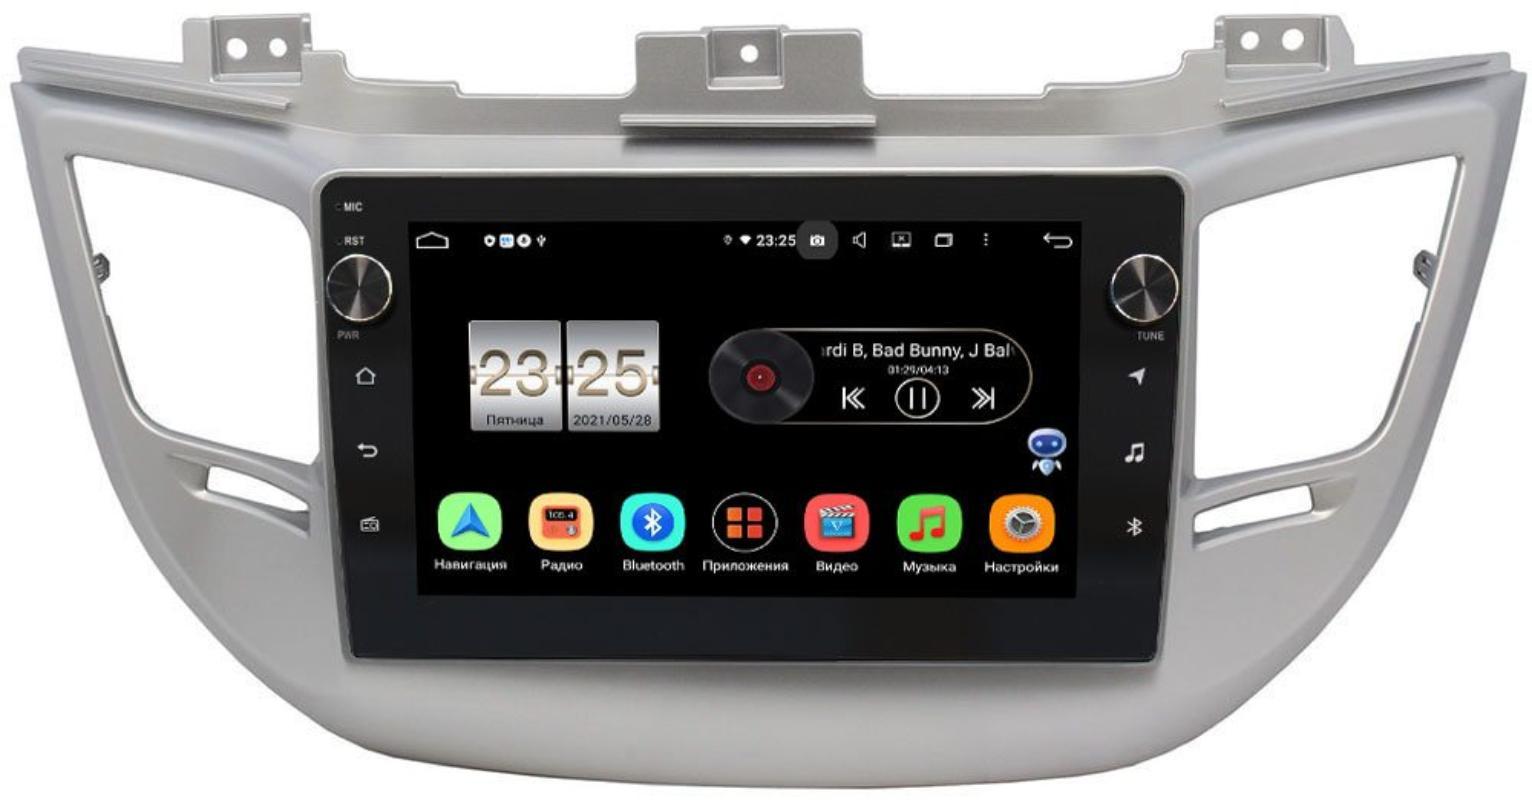 Штатная магнитола LeTrun BPX609-9041 для Hyundai Tucson III 2015-2018 на Android 10 (4/64, DSP, IPS, с голосовым ассистентом, с крутилками) для авто без камеры (+ Камера заднего вида в подарок!)